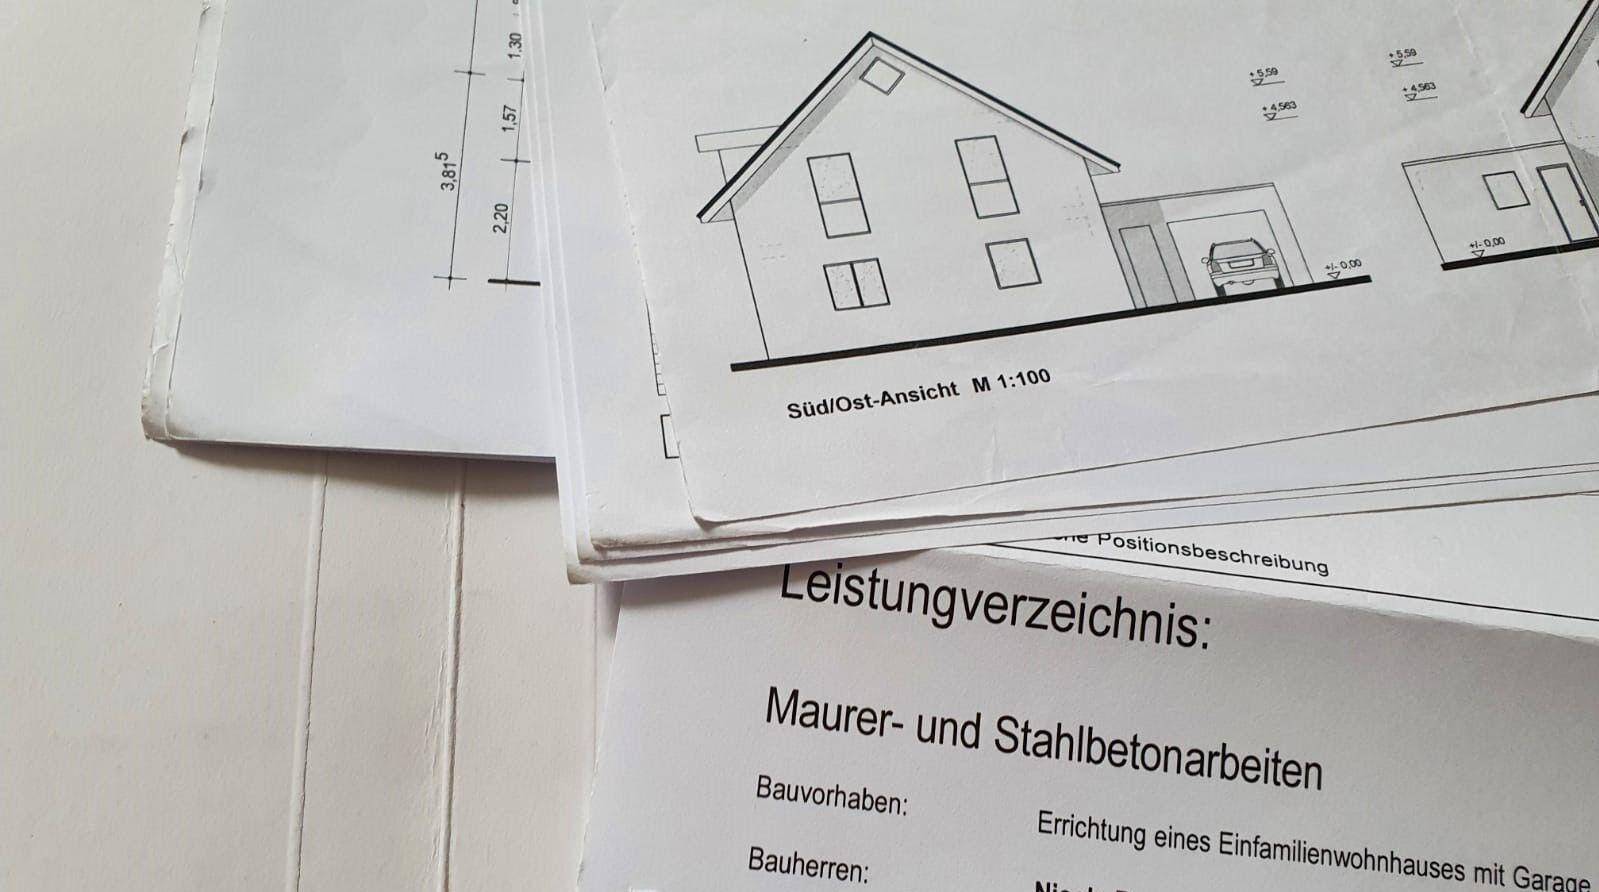 Architektenrecht<br>Architekten und Bauunternehmer